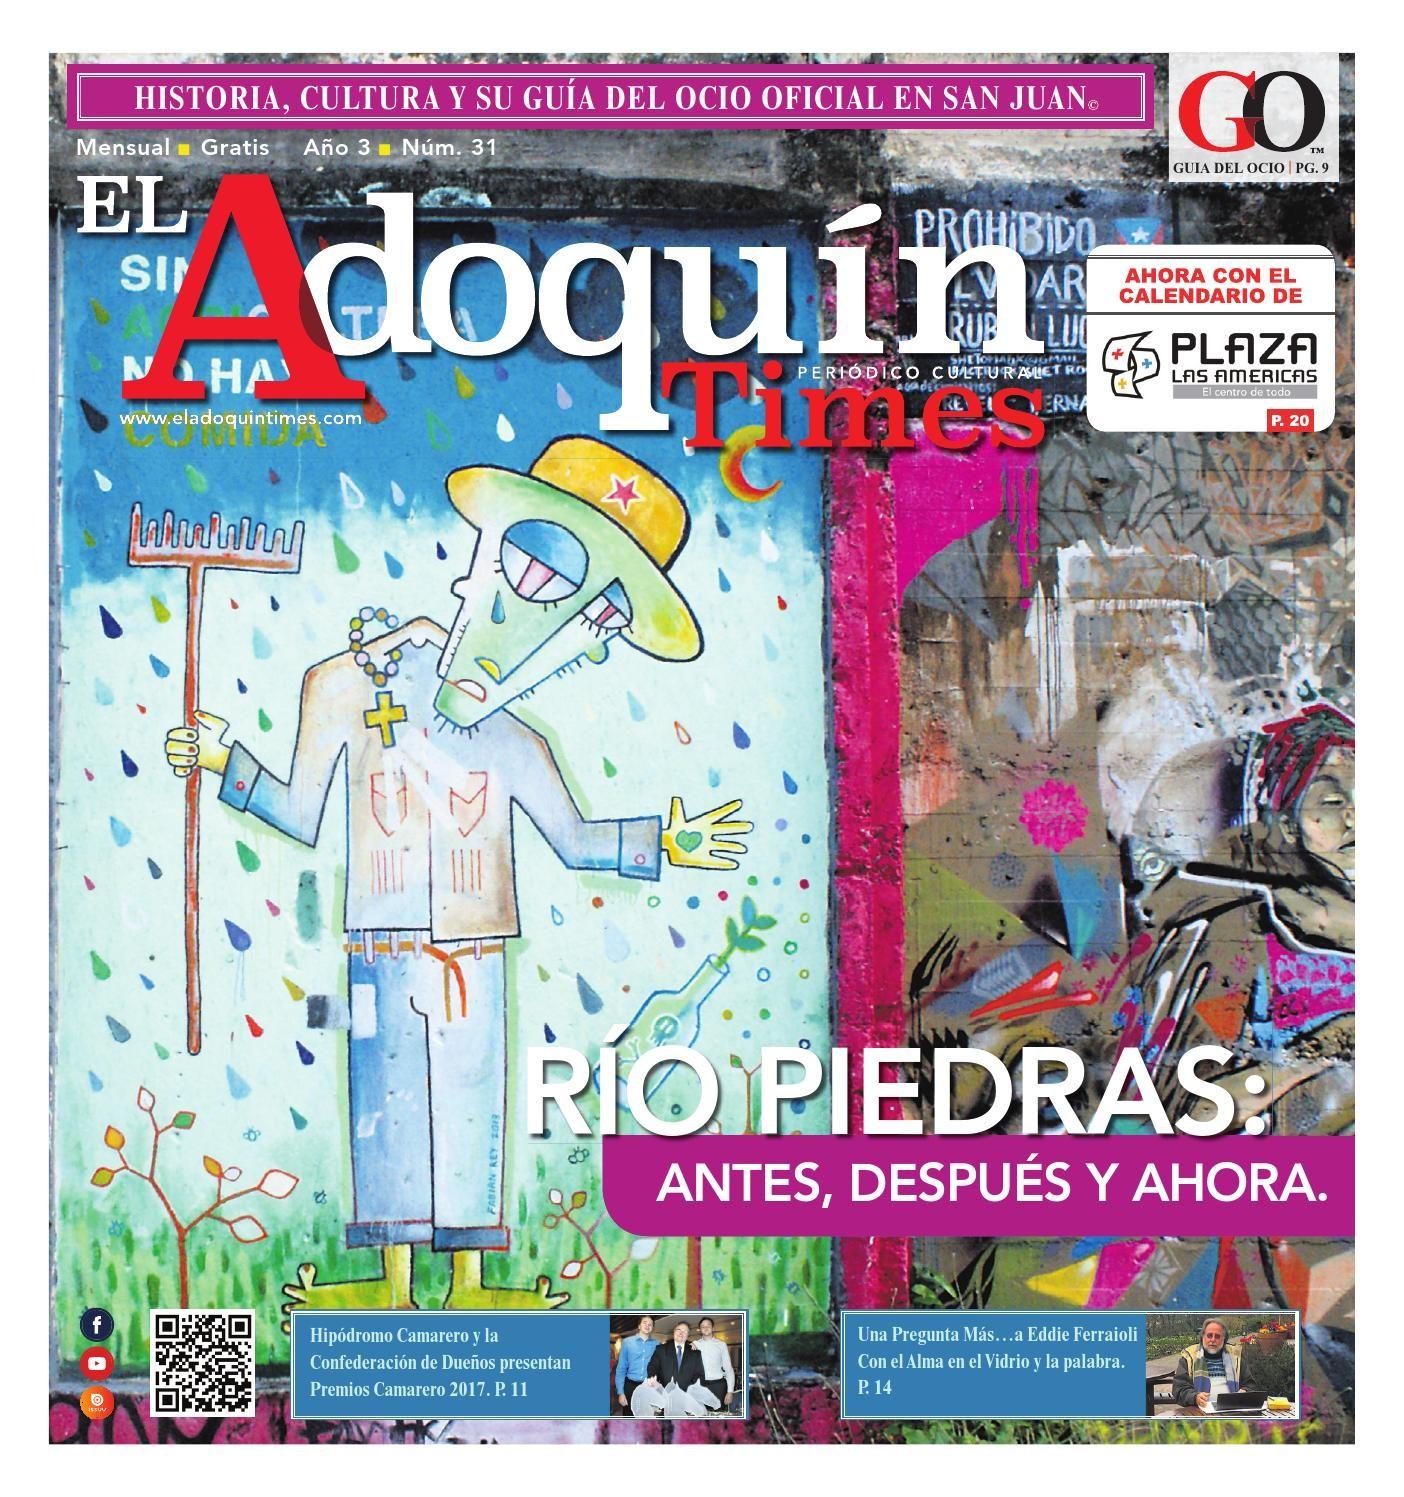 Calendario 2019 Usa Catolicos Vs Testigos Recientes El Adoqun Times A±o 3 Nºmero 31 by El Adoqun Times issuu